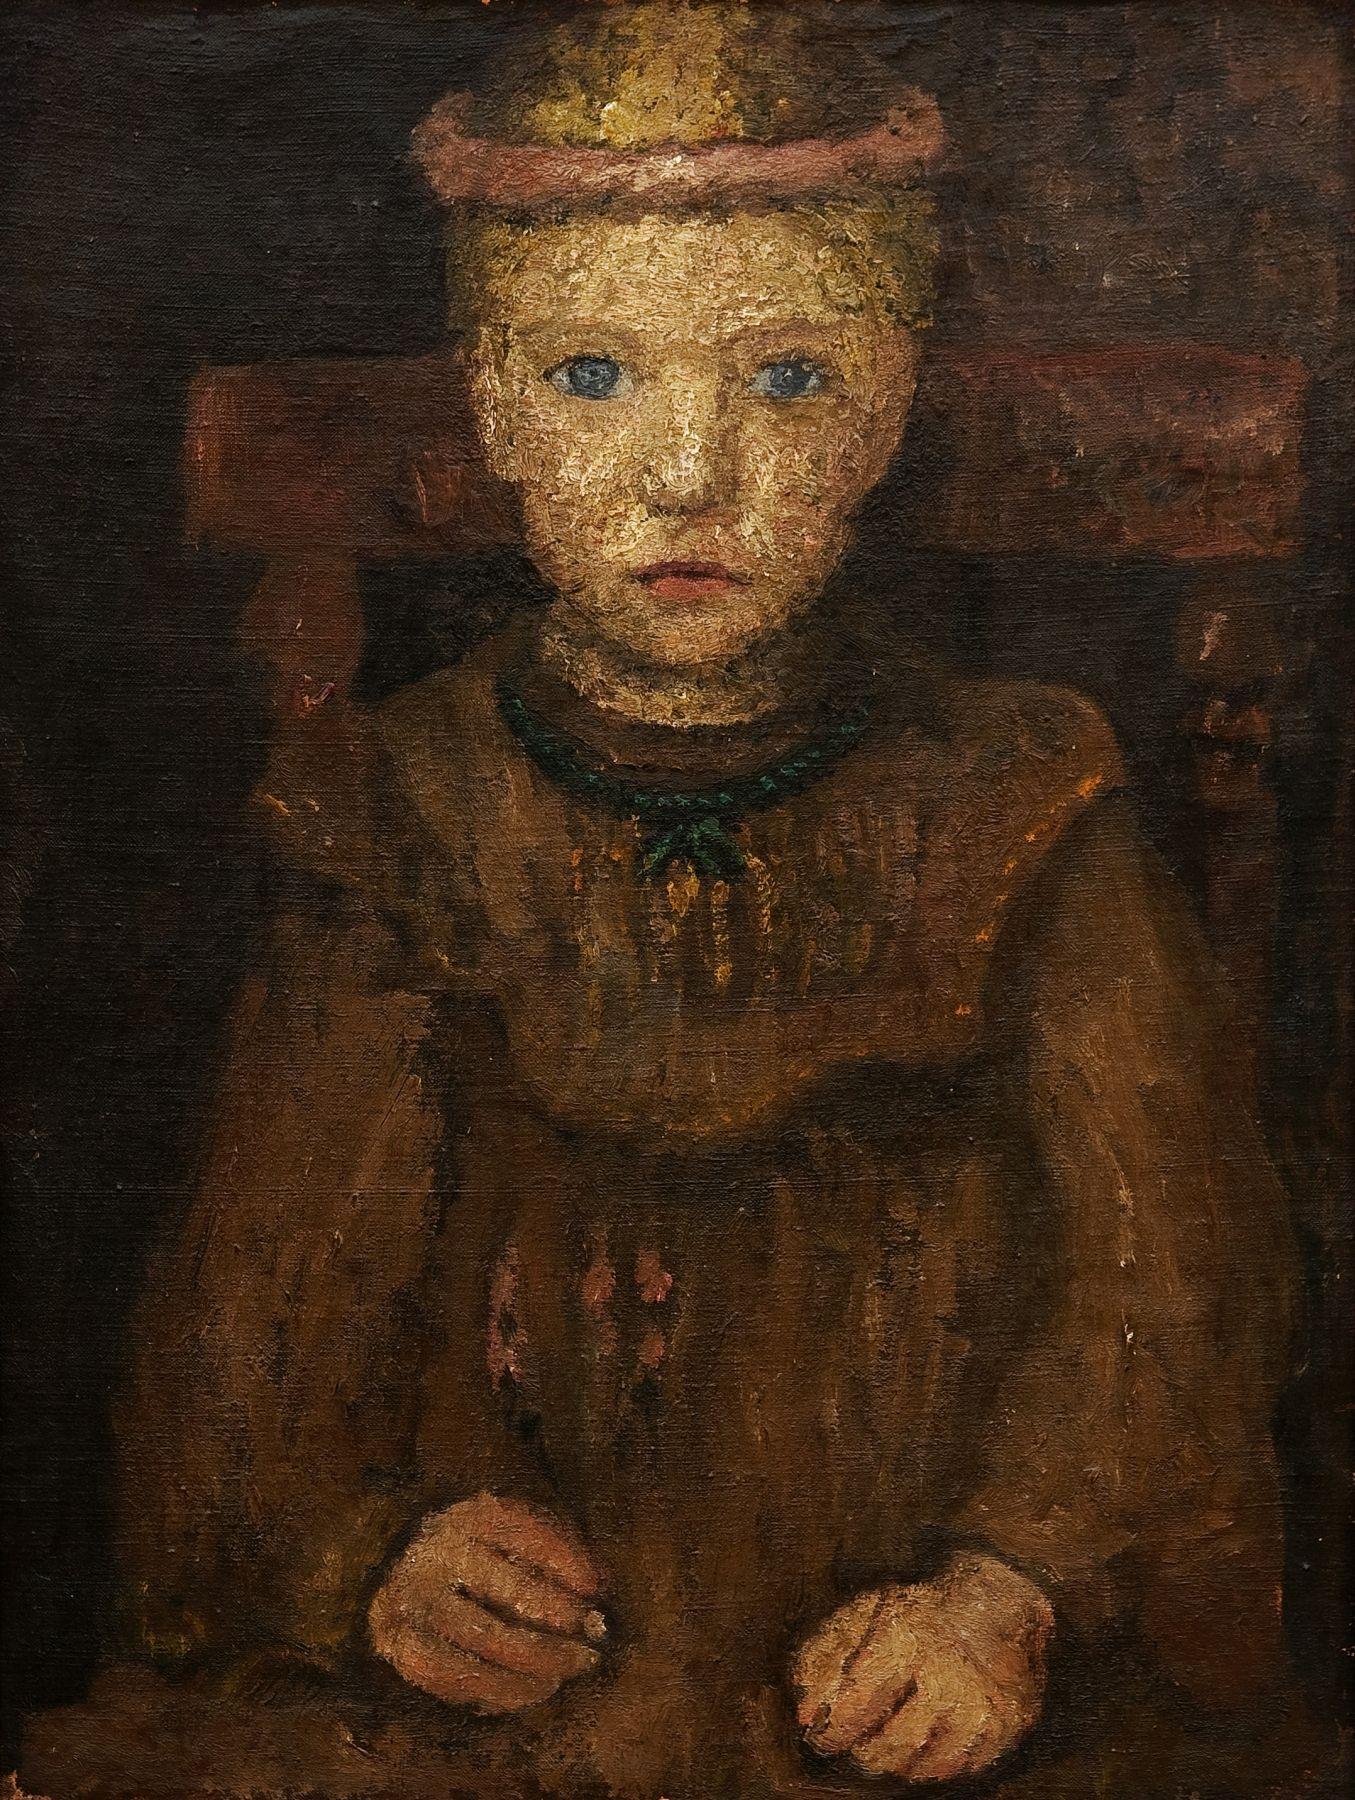 Paula Modersohn-Becker, Sitzendes Mädchen mit grüner Kette, um 1904, Kunsthalle Mannheim